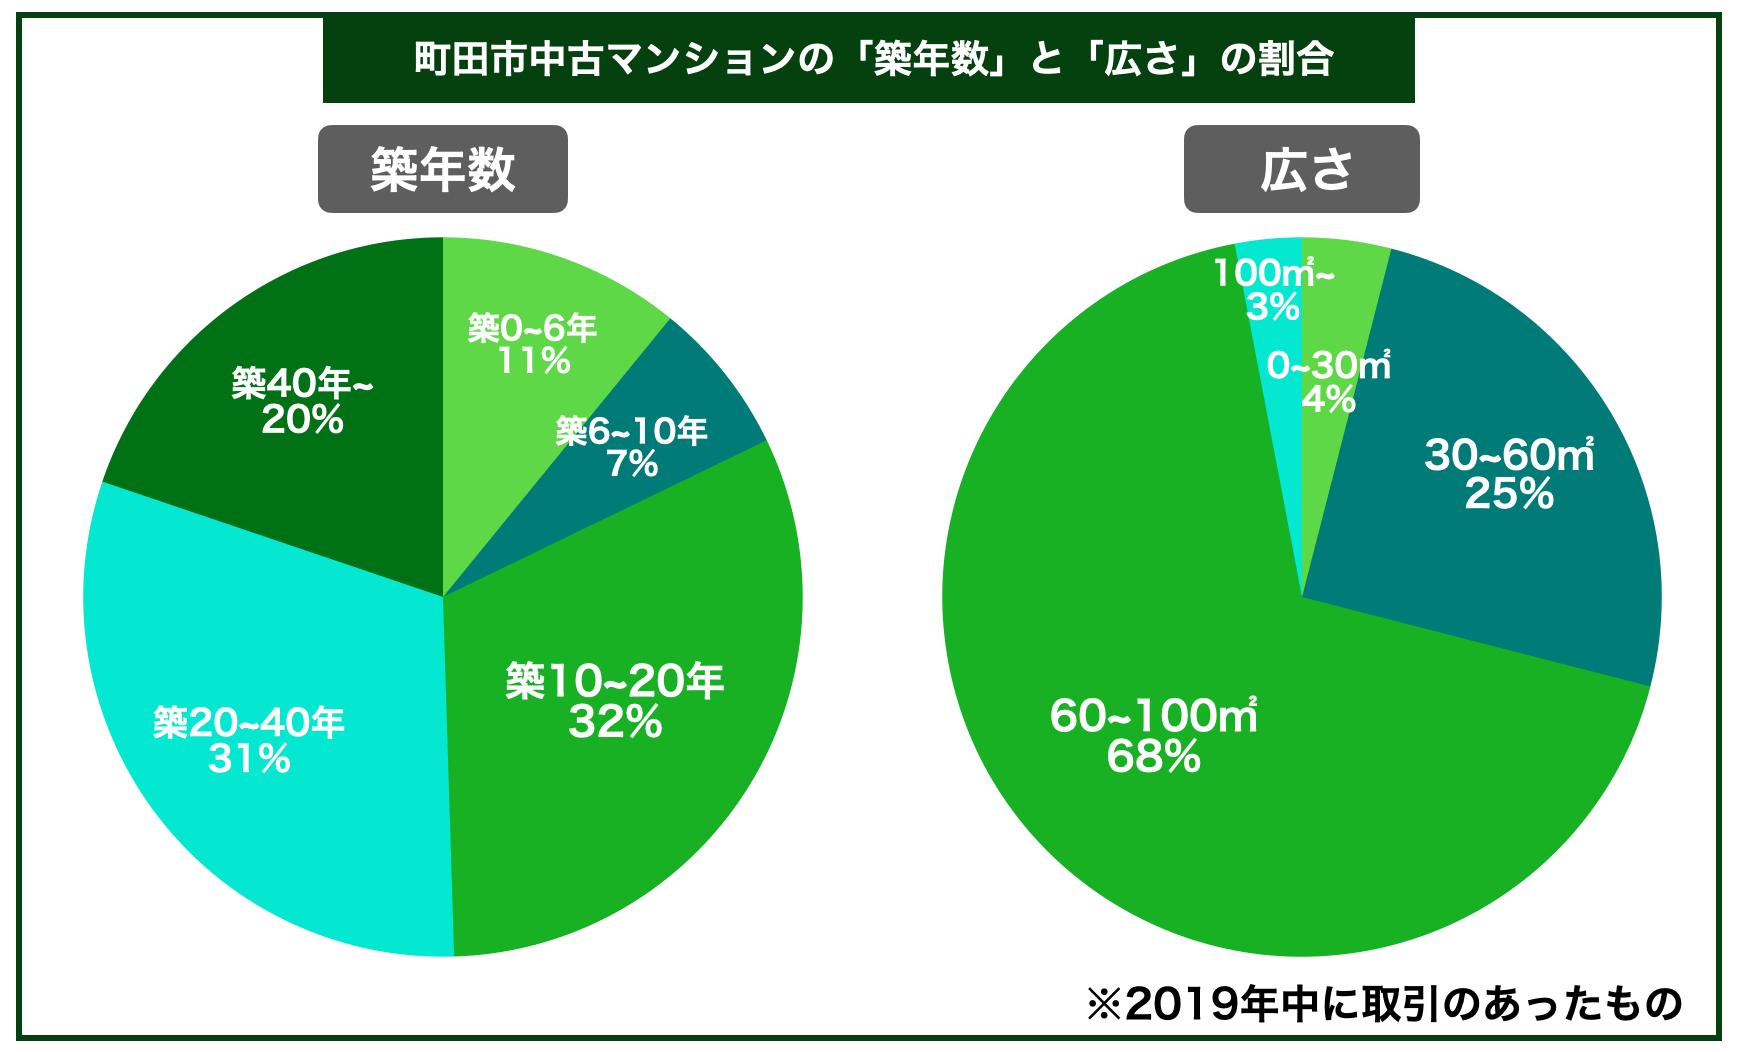 町田市中古マンション築年数広さ割合